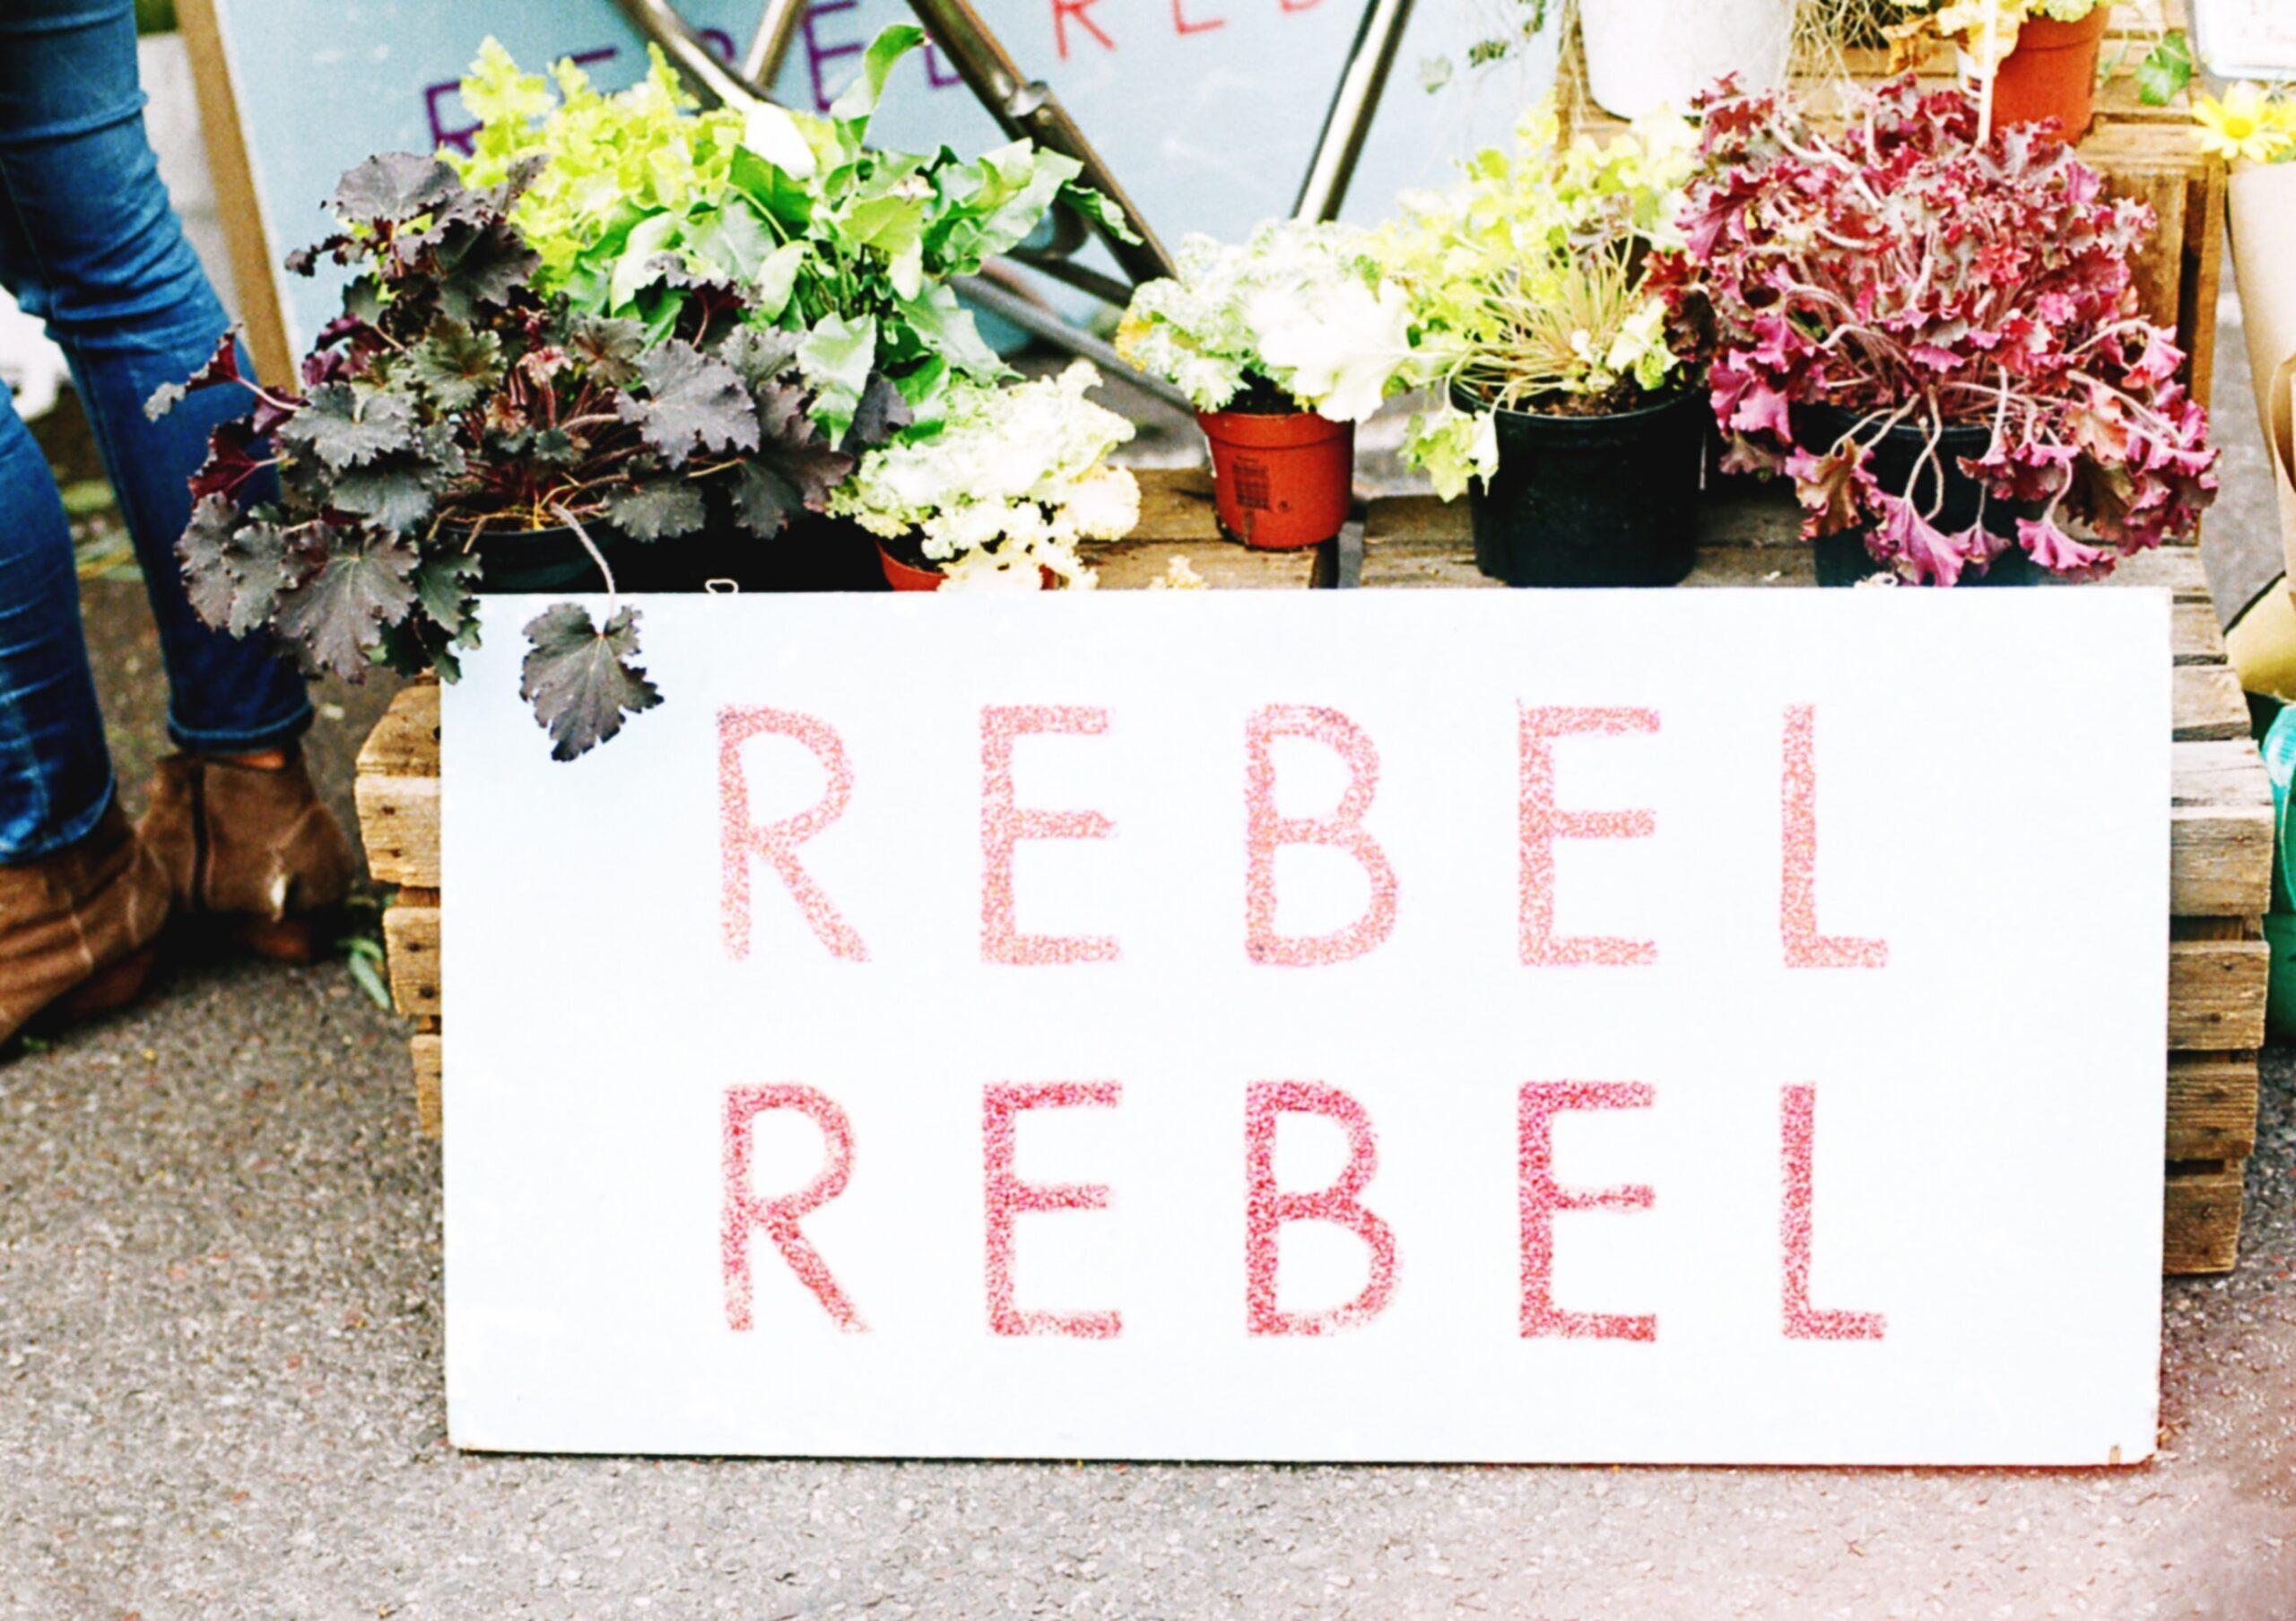 Be Your Own Rebel @ Rebel Heart Ceremonies